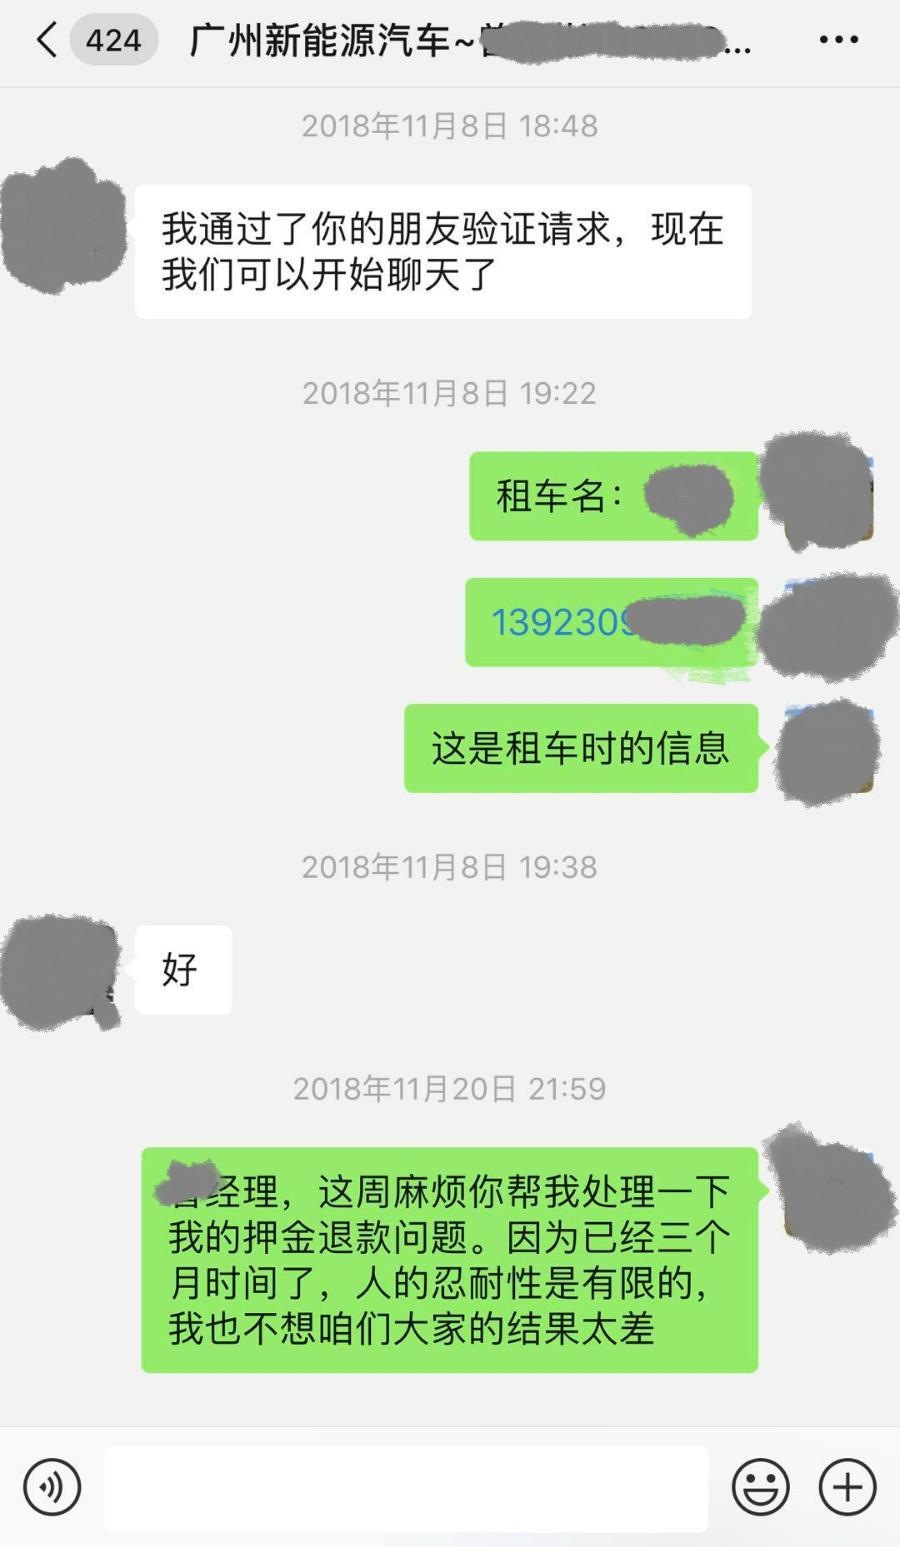 徐强通过微信填加了对方公司的负责人截图。